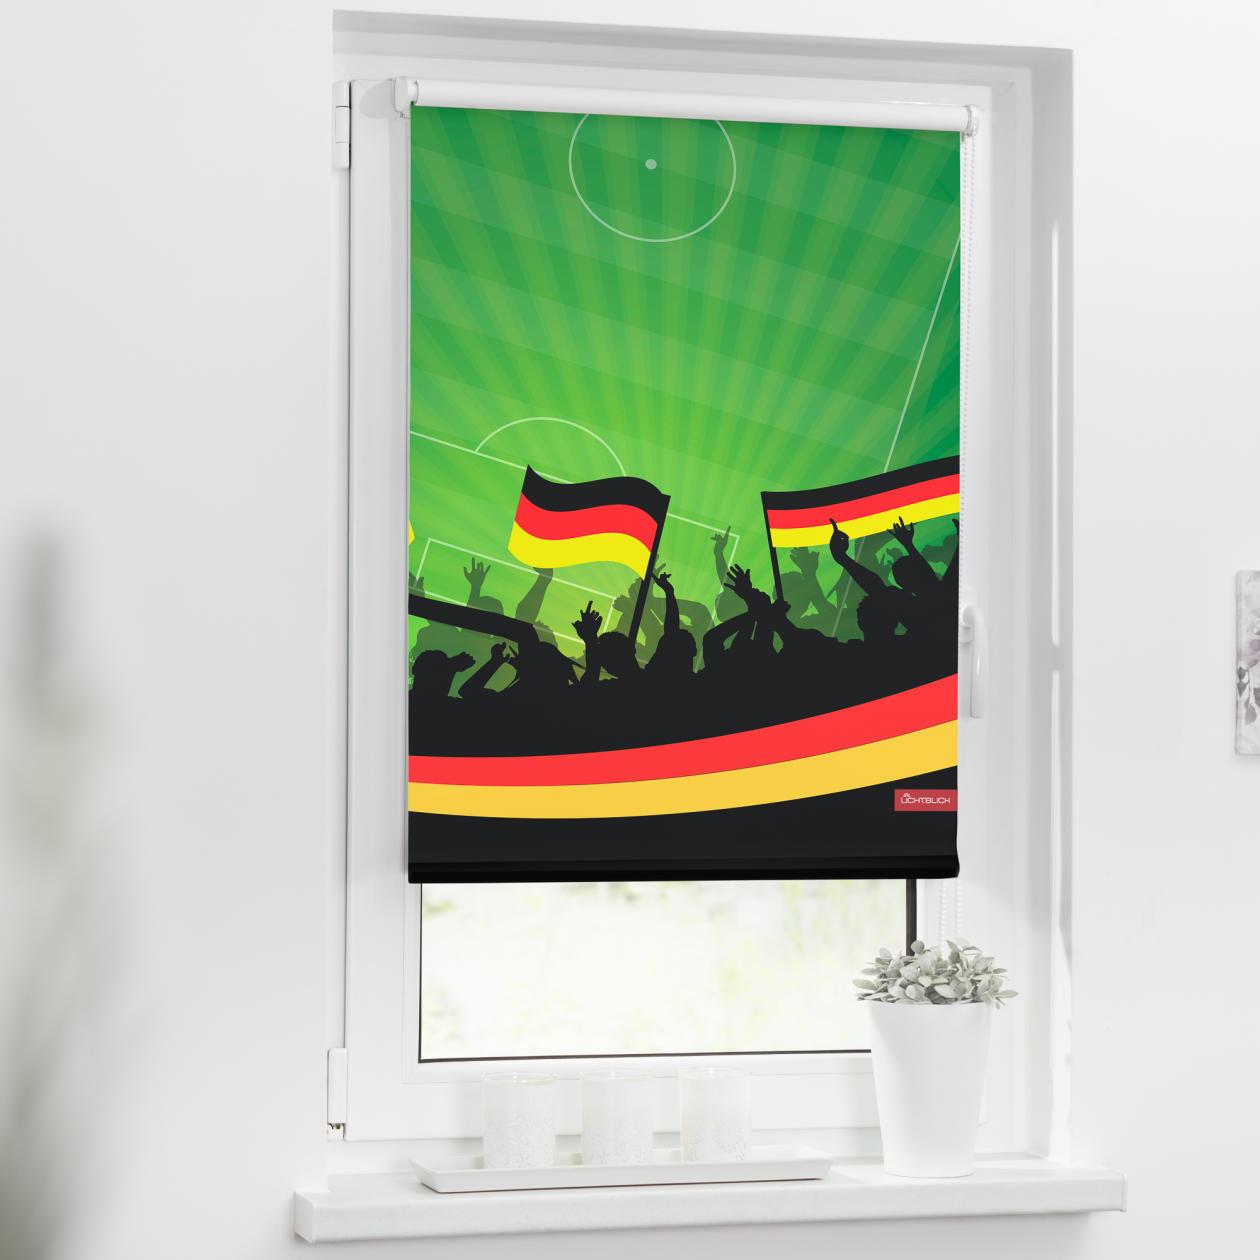 verdunkelungsrollo klemmfix ohne bohren deutschlandfahne gr n lichblick shop. Black Bedroom Furniture Sets. Home Design Ideas